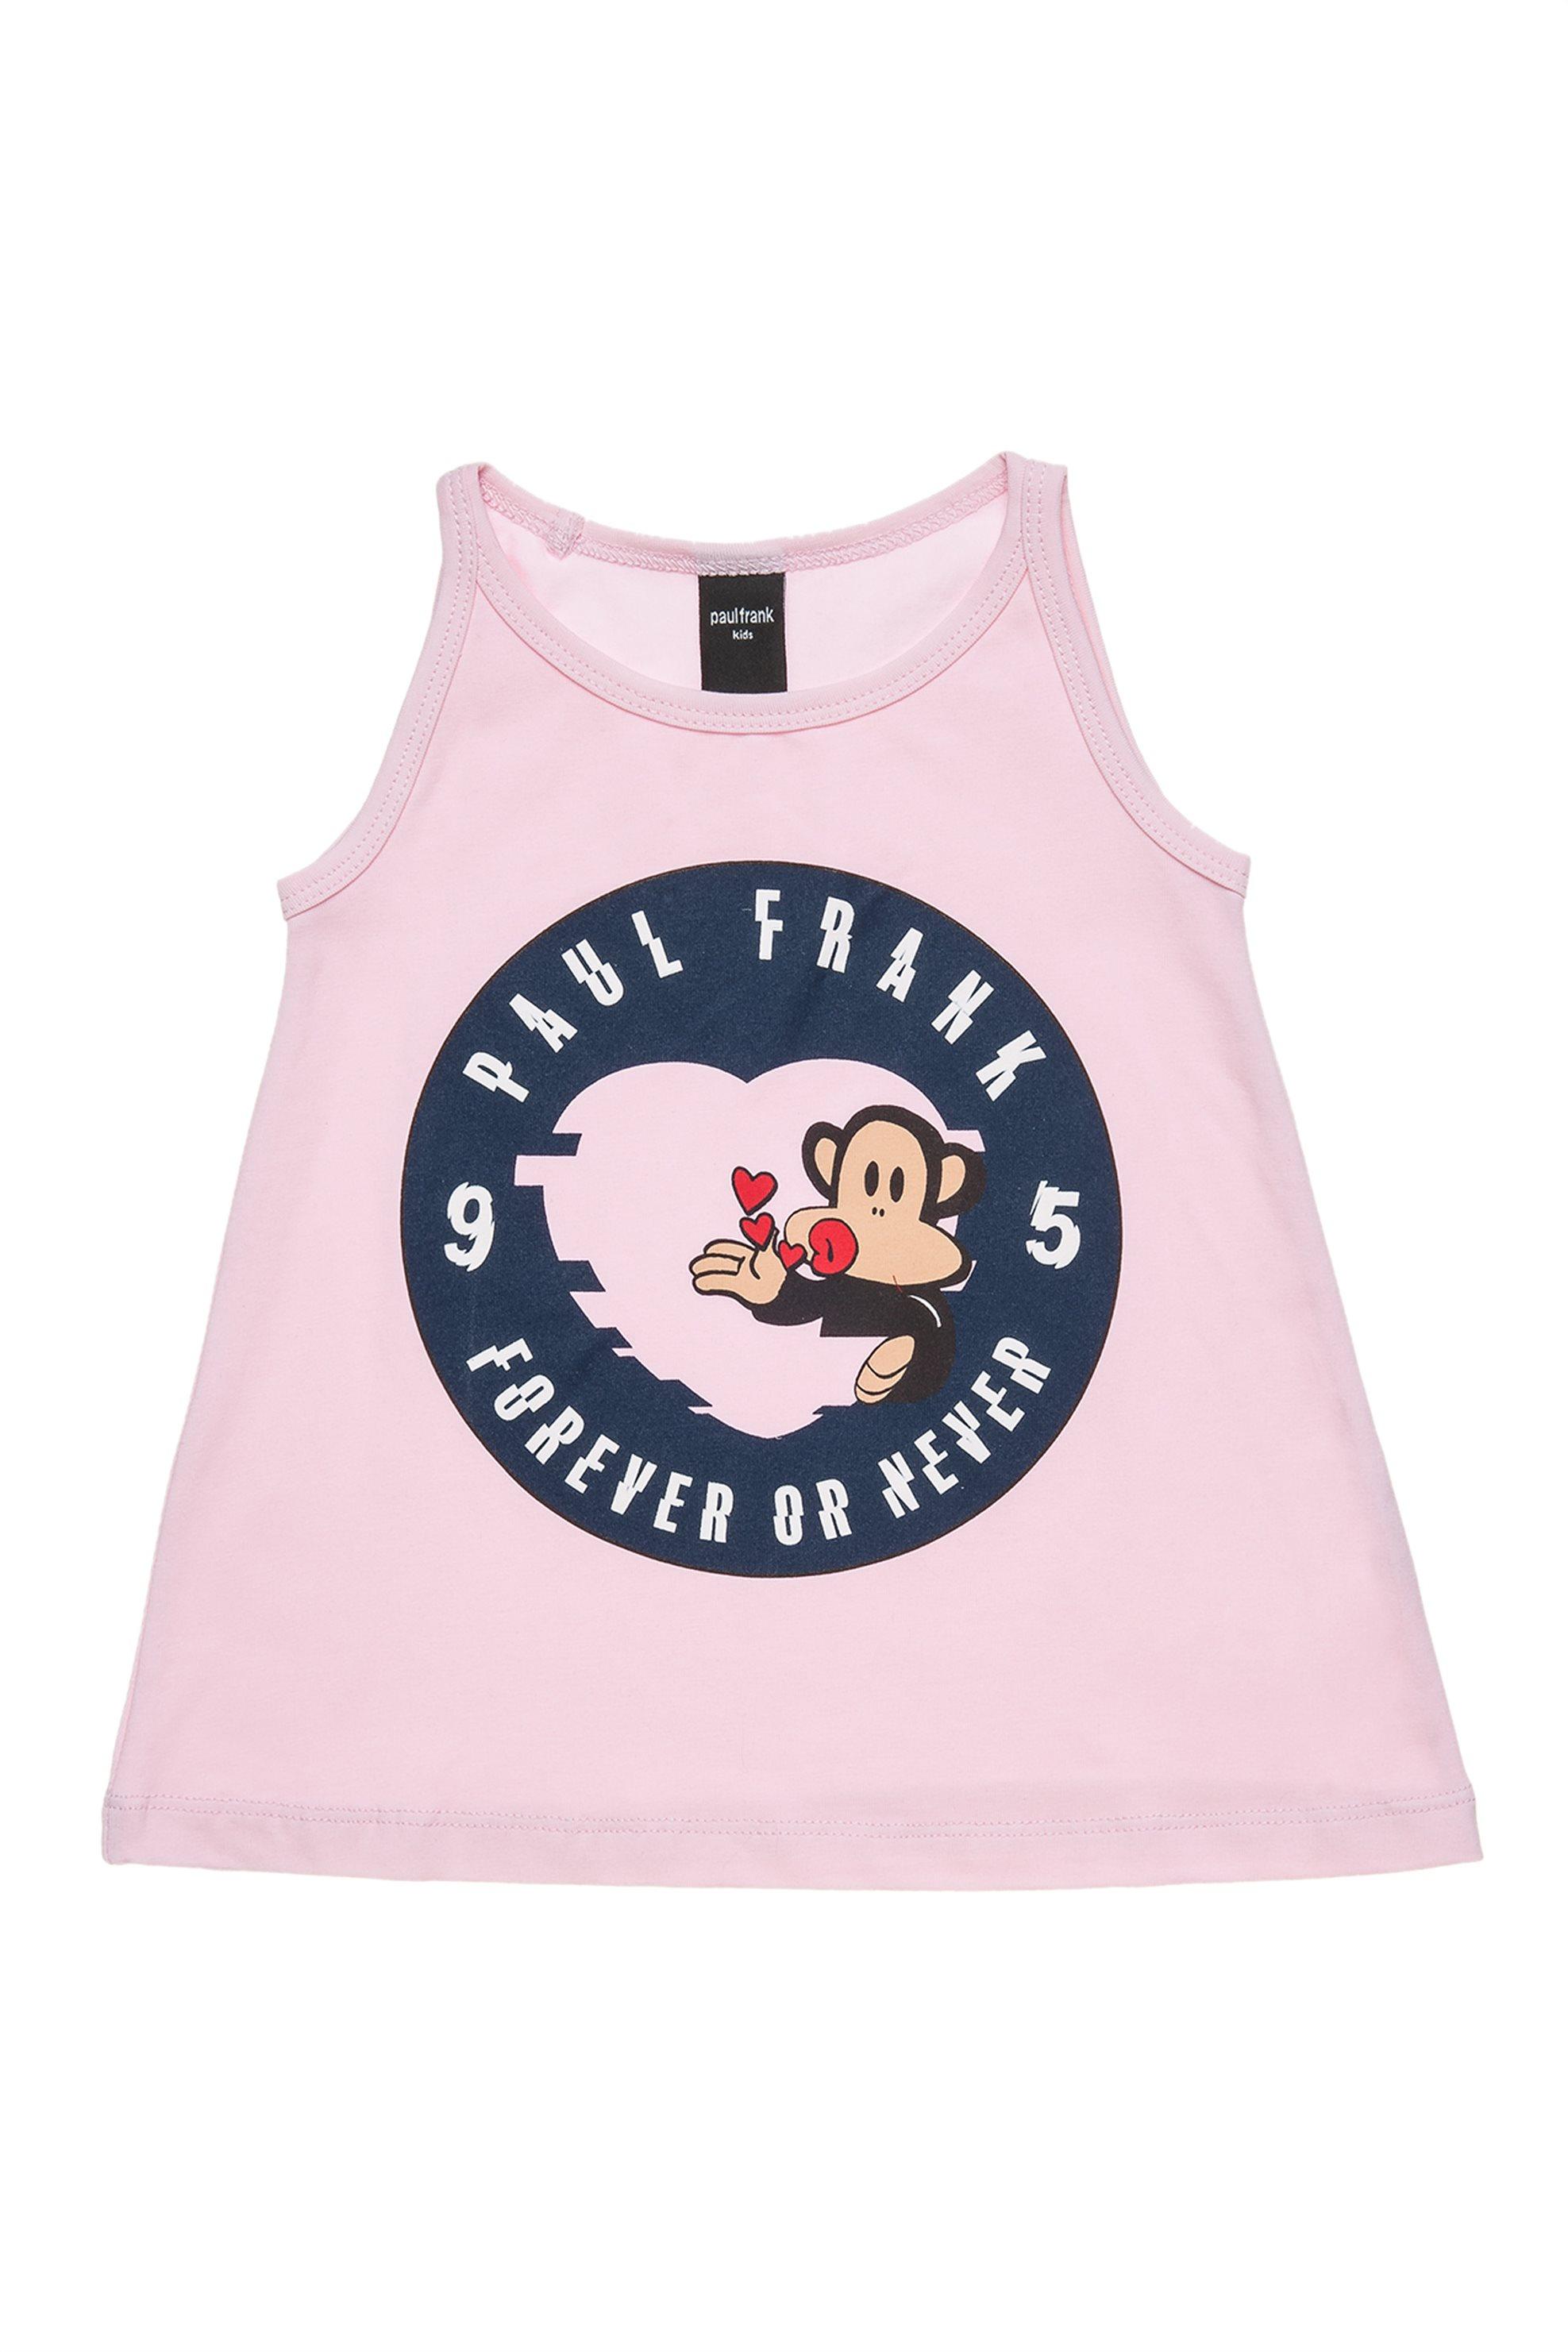 Παιδική μπλούζα αμάνικη με print (6 - 14 ετών) Paul Frank Collection - 00151563  παιδι   κοριτσι   4 14 ετων   tops   παντελόνια   μπλούζες   πουκάμισα   μπλούζε